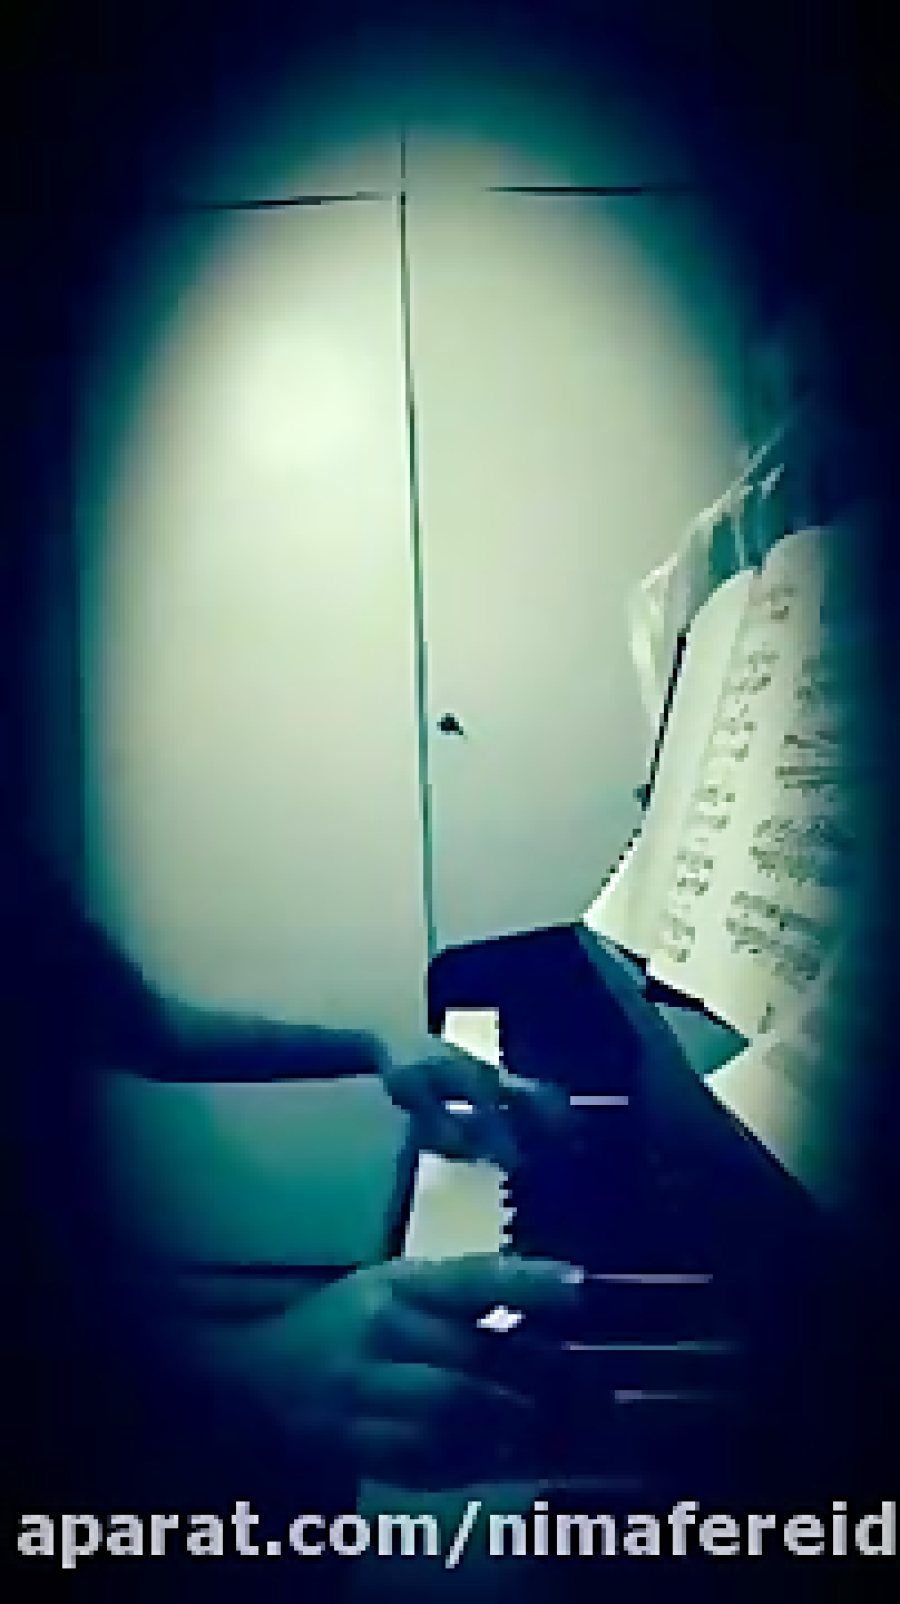 بخشی از نکتورن شوپن در دو دیز مینور الهه نقوی مدرس پیانو آموزشگاه موسیقی فریدونی